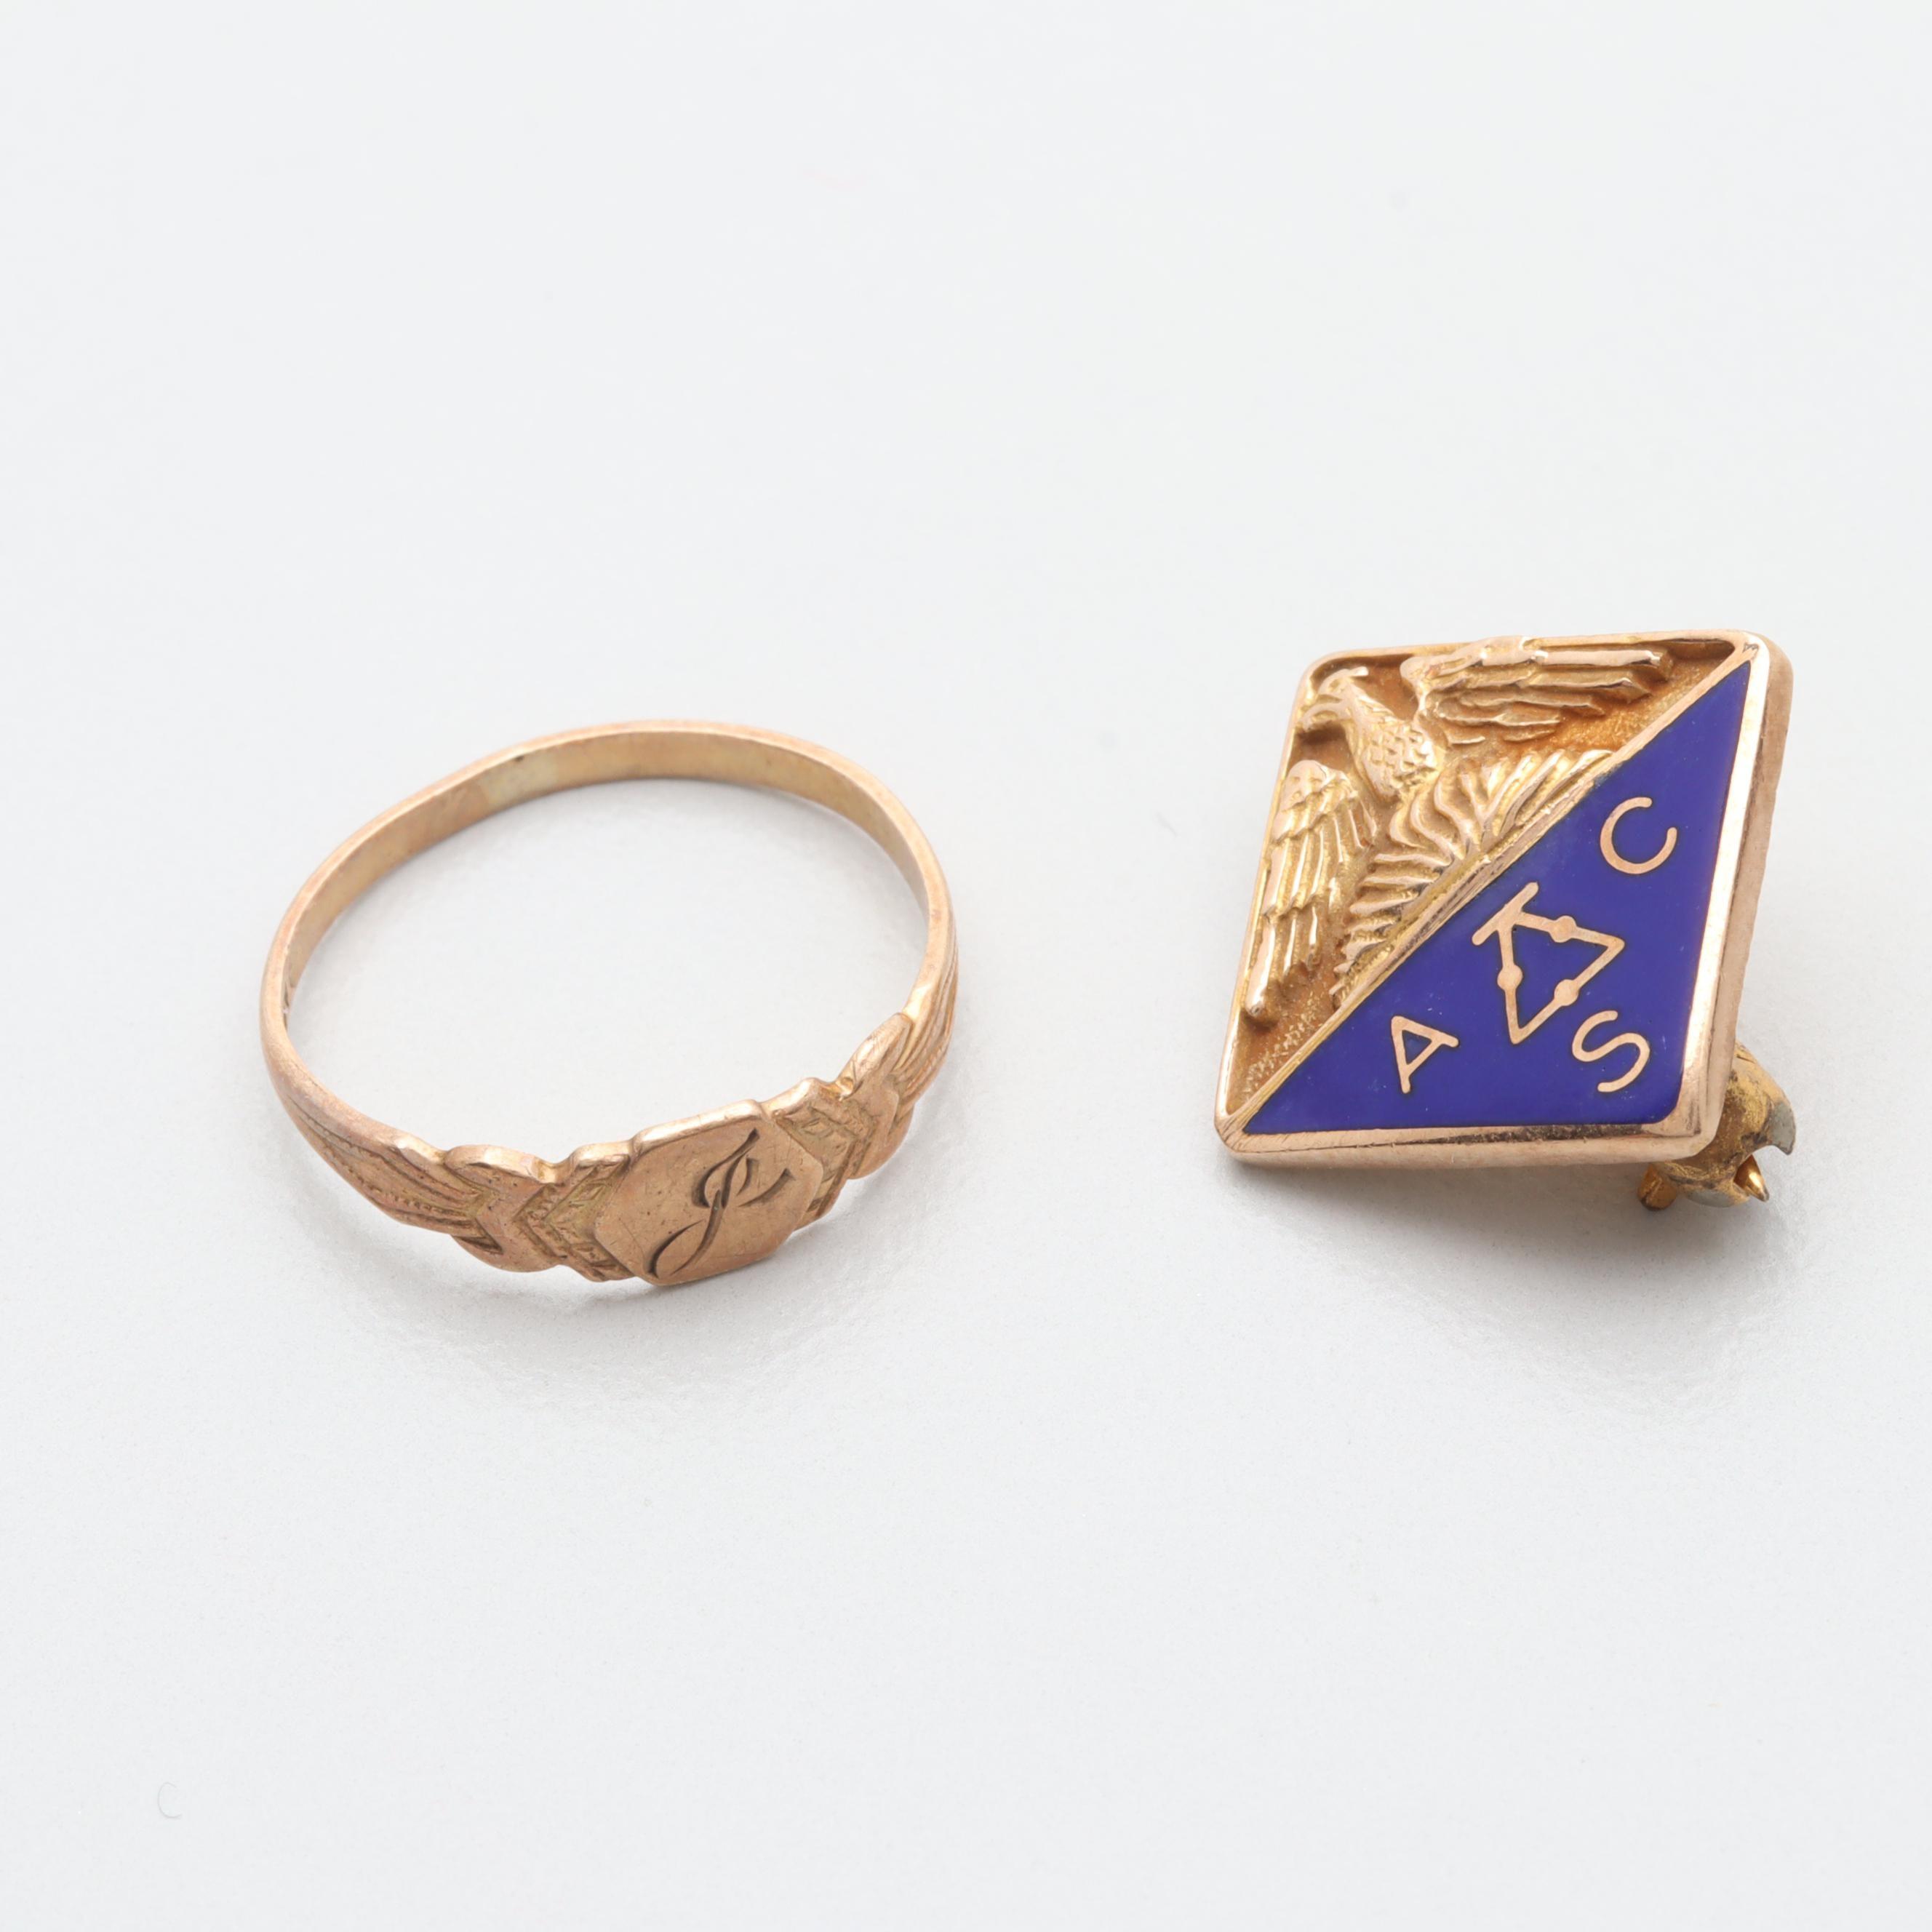 Vintage 10K Rose Gold Ring With 10K Yellow Gold Enamel Pin